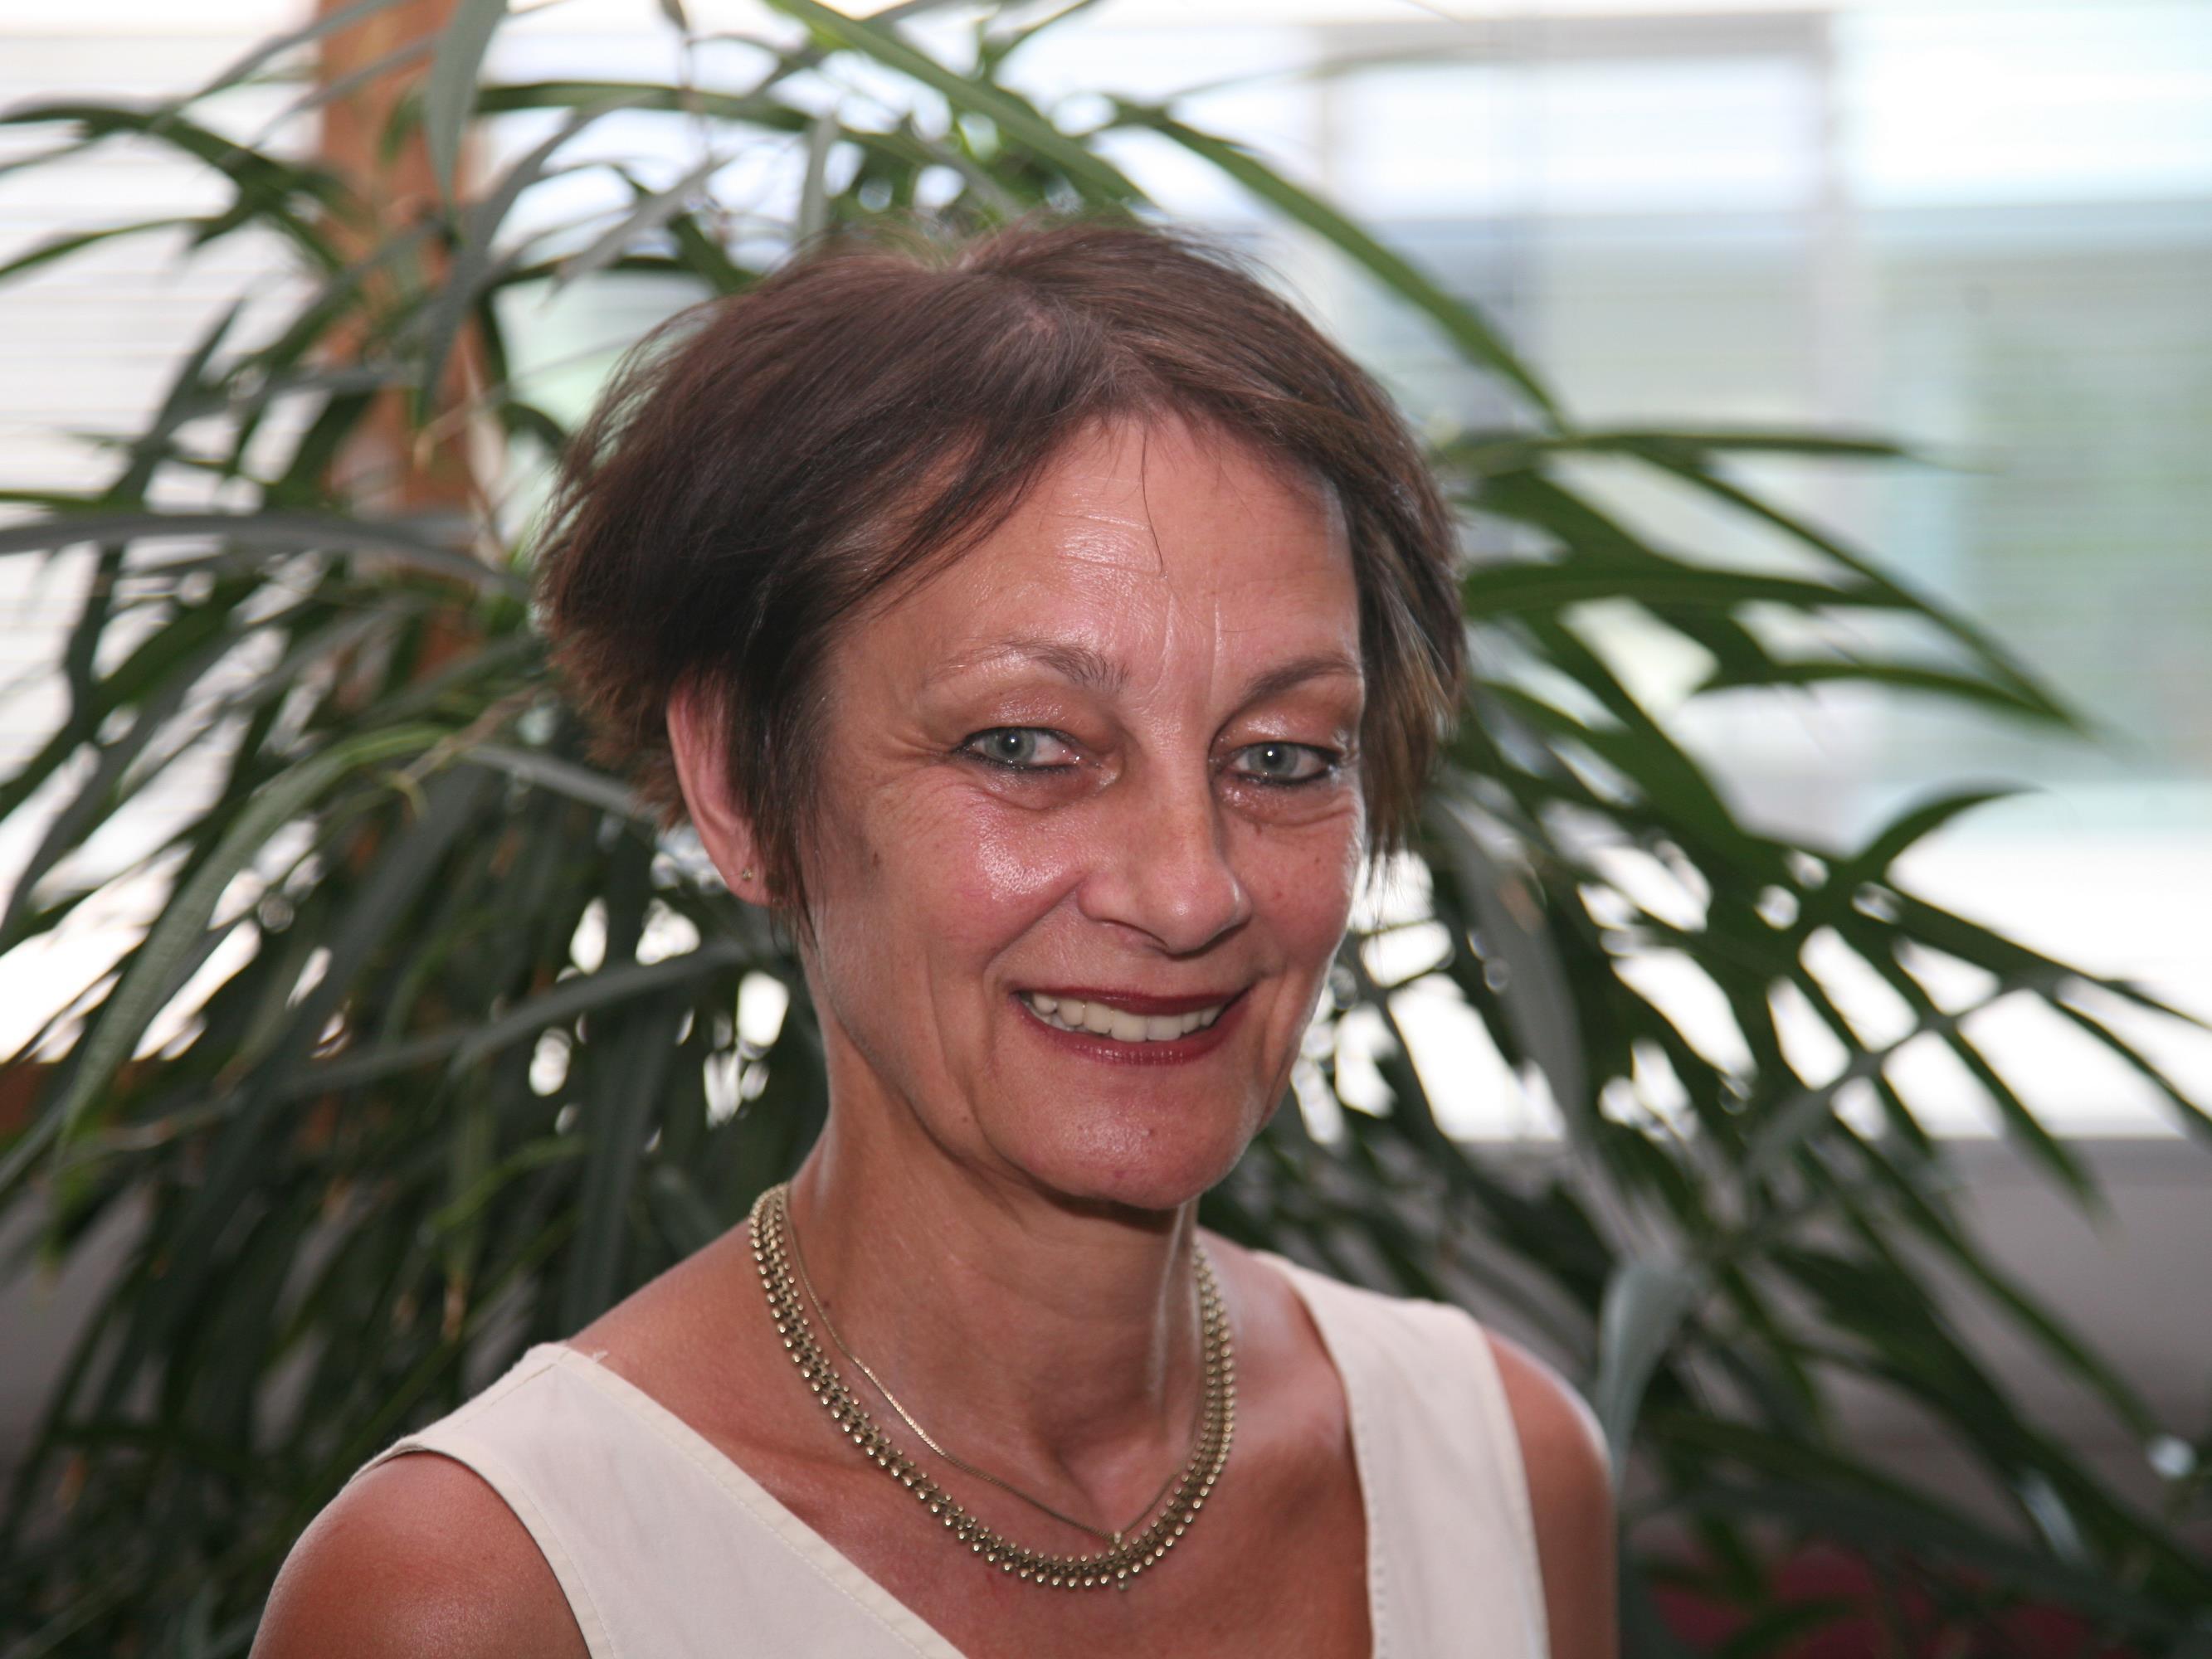 Das Kollegium der FH Vorarlberg wählte Prof. (FH) Dr. Dipl. Psych. Tanja Eiselen zu seiner neuen Leiterin. Sie folgt auf Prof. (FH) Dr. Oskar Müller.